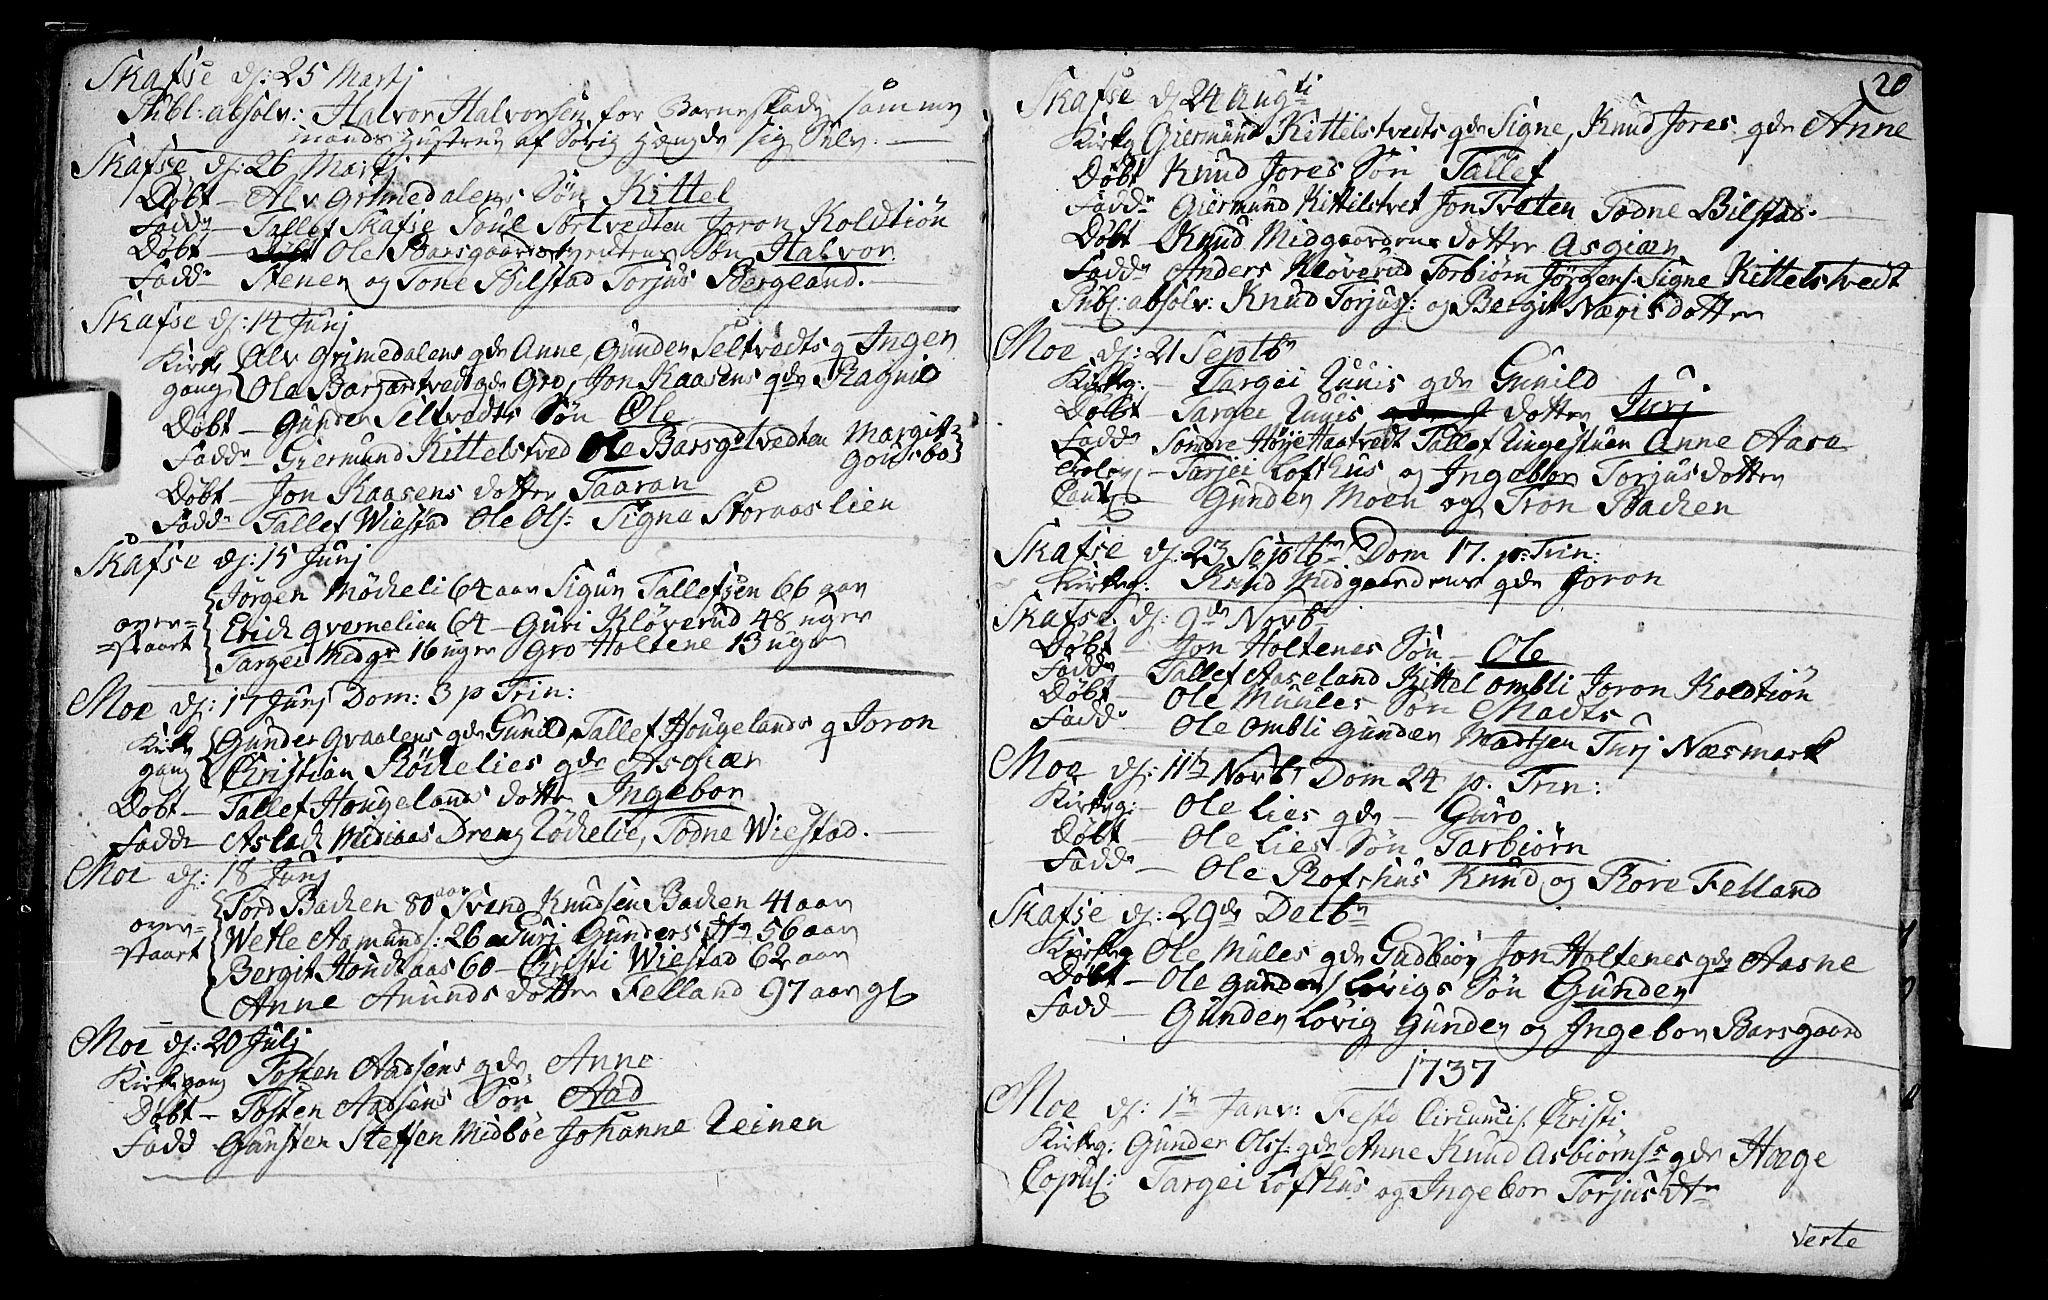 SAKO, Mo kirkebøker, F/Fa/L0001: Ministerialbok nr. I 1, 1724-1748, s. 20